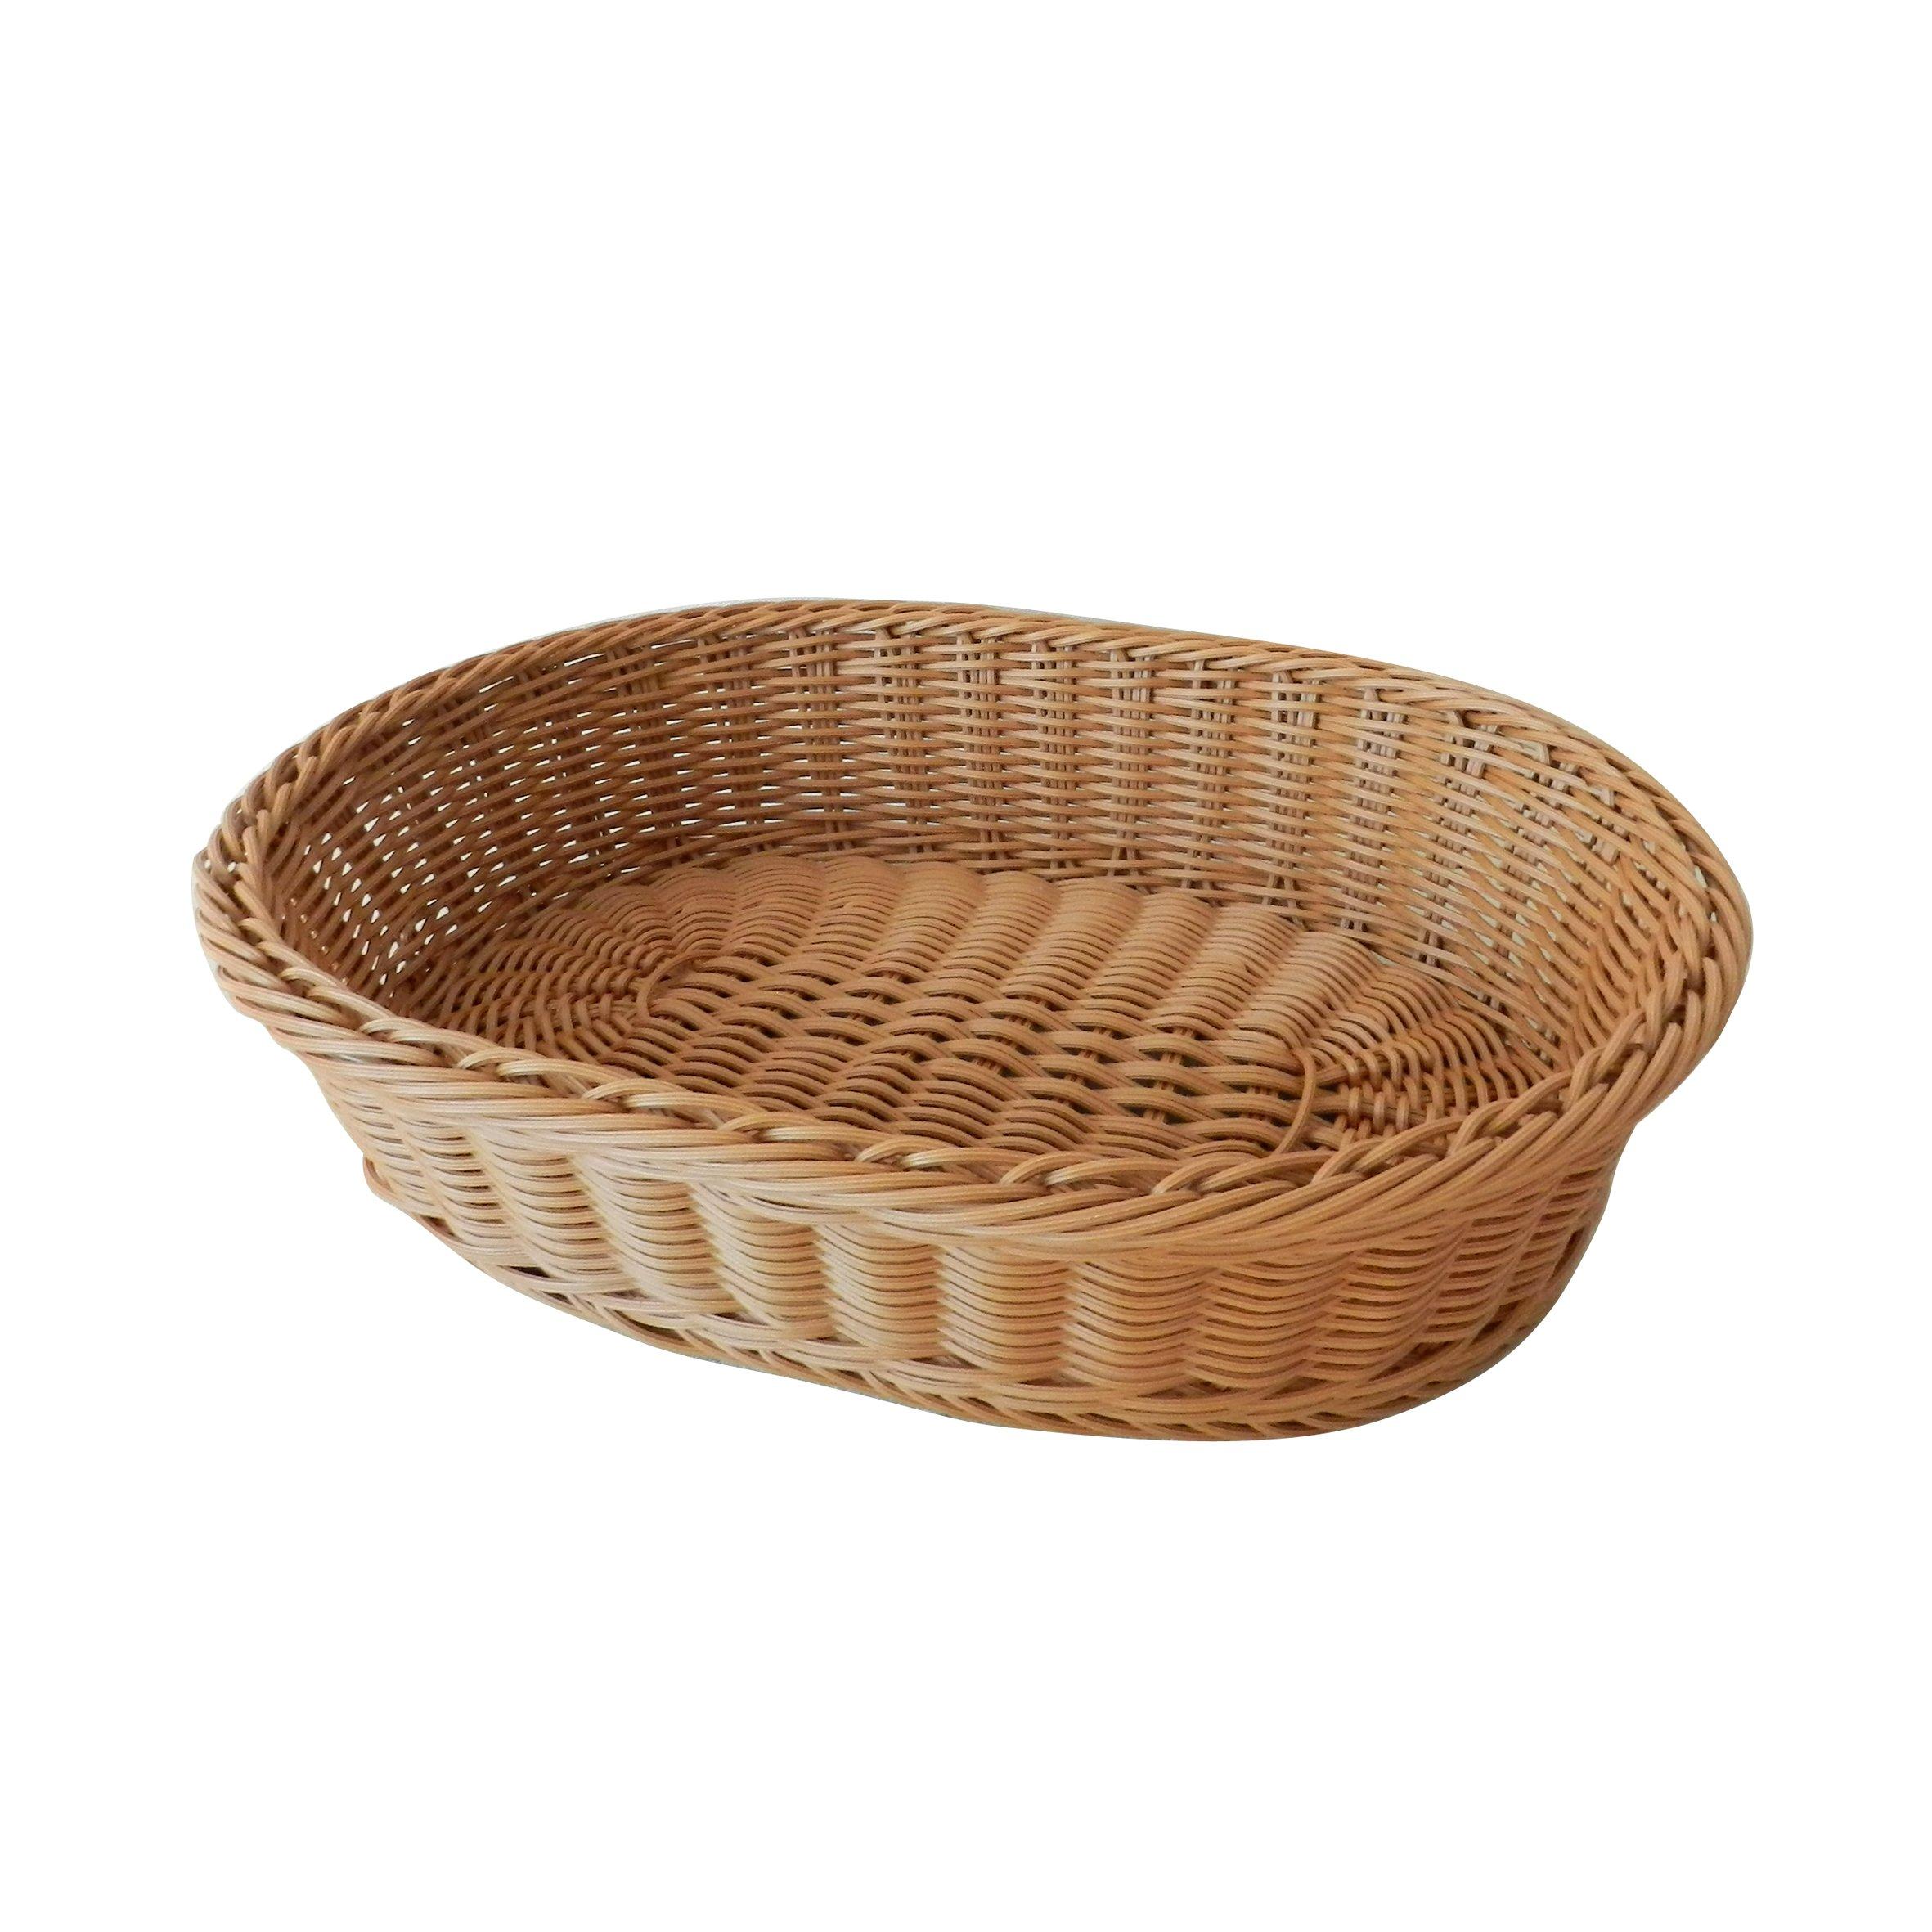 CVHOMEDECO. Oval Imitation Rattan Bread Basket Fruit Display Basket Food Serving Basket Resin Wicker Supermarket Showcase.Light Brown. 13-1/2'' X 11'' X 3''H